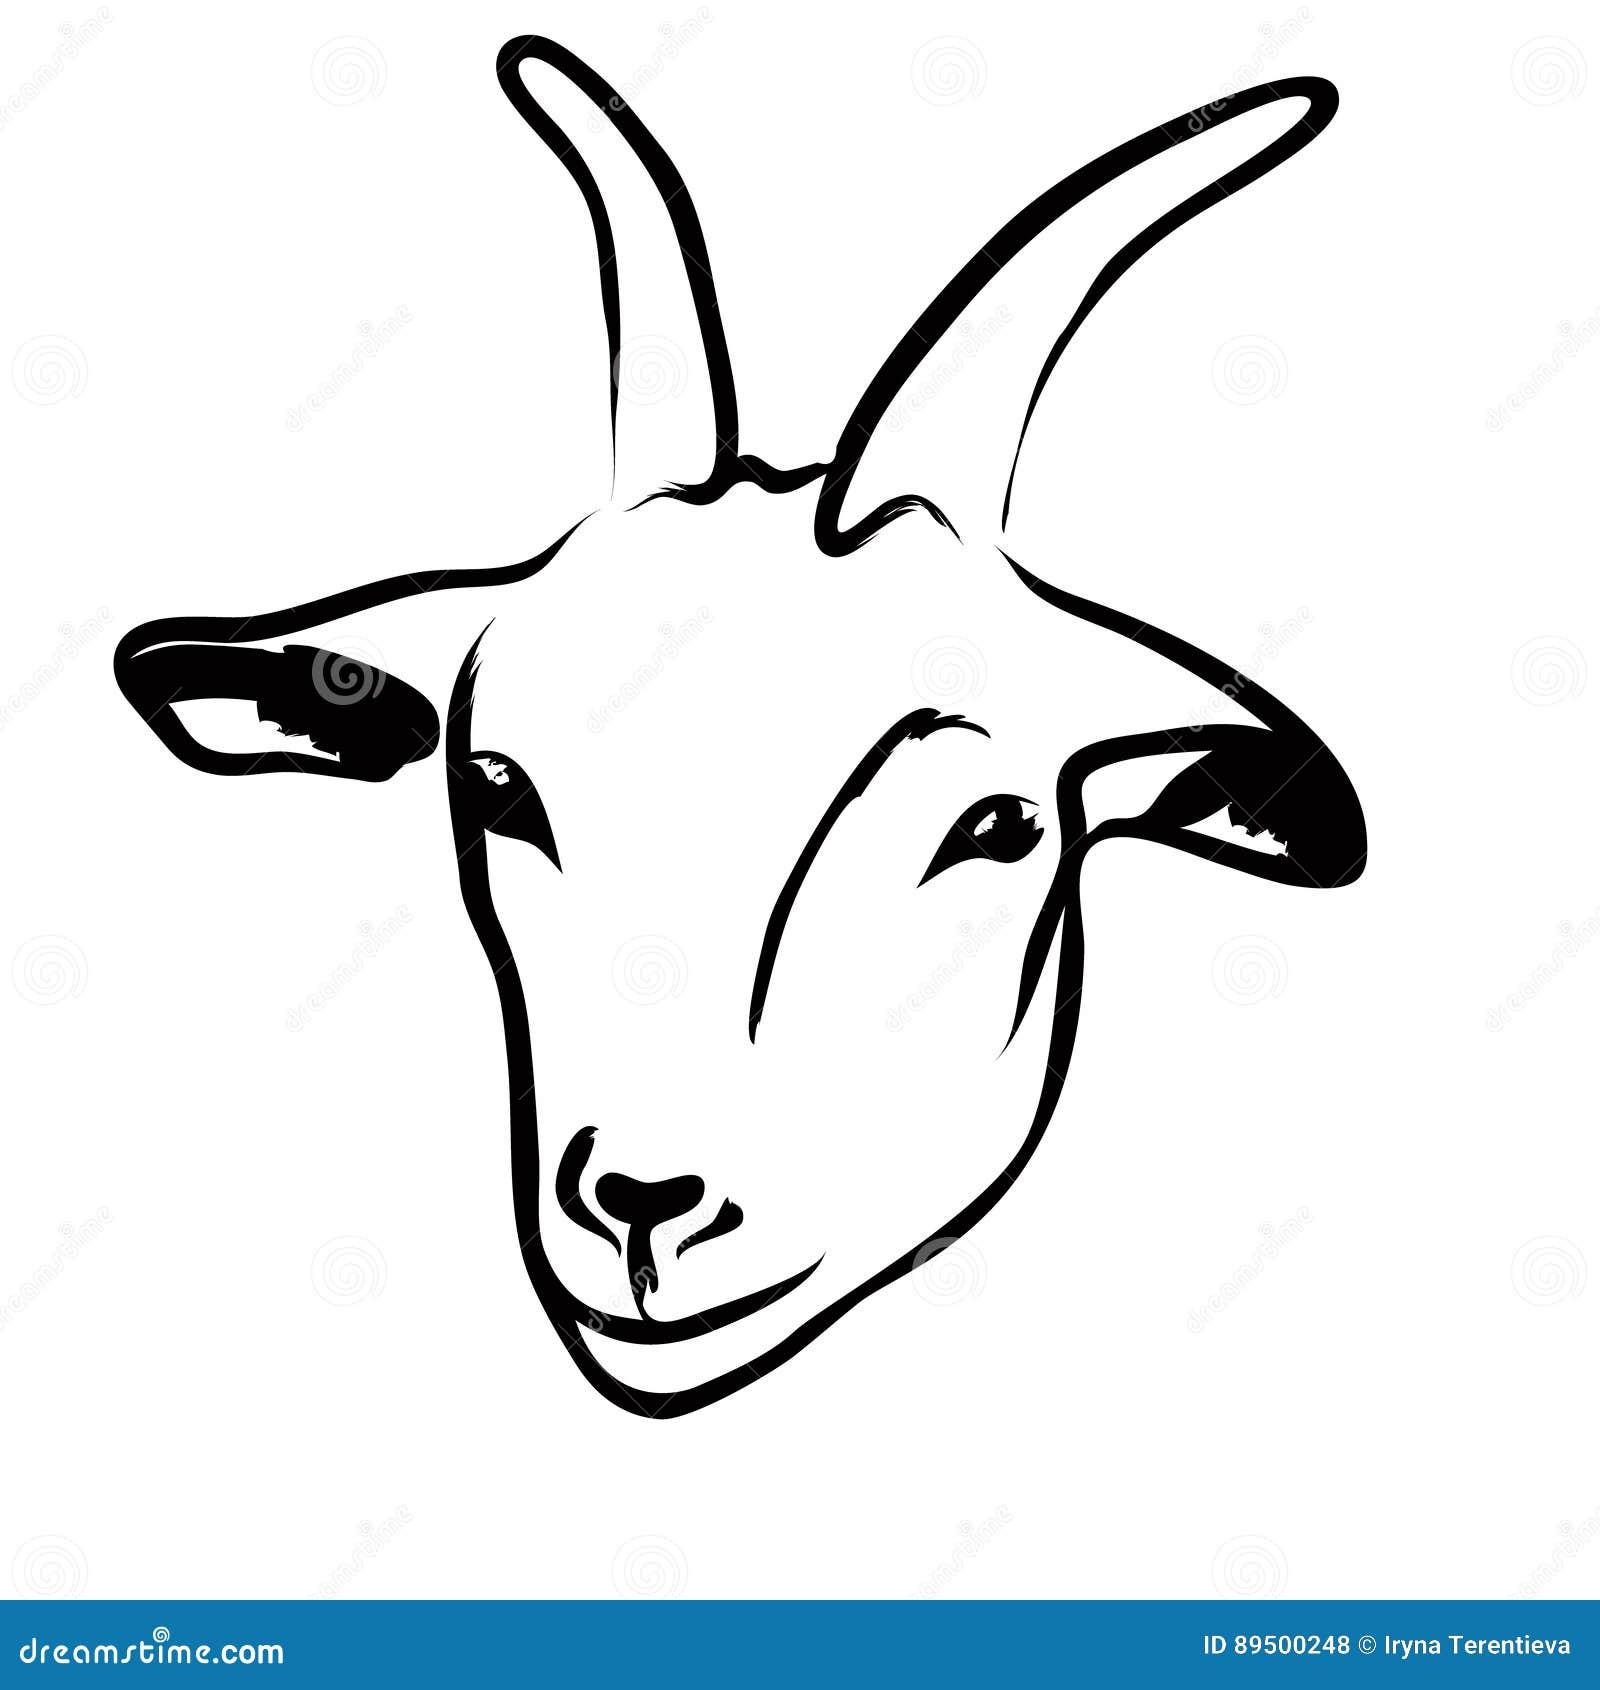 D Line Drawings Logo : Logo principal de chèvre illustration vecteur image